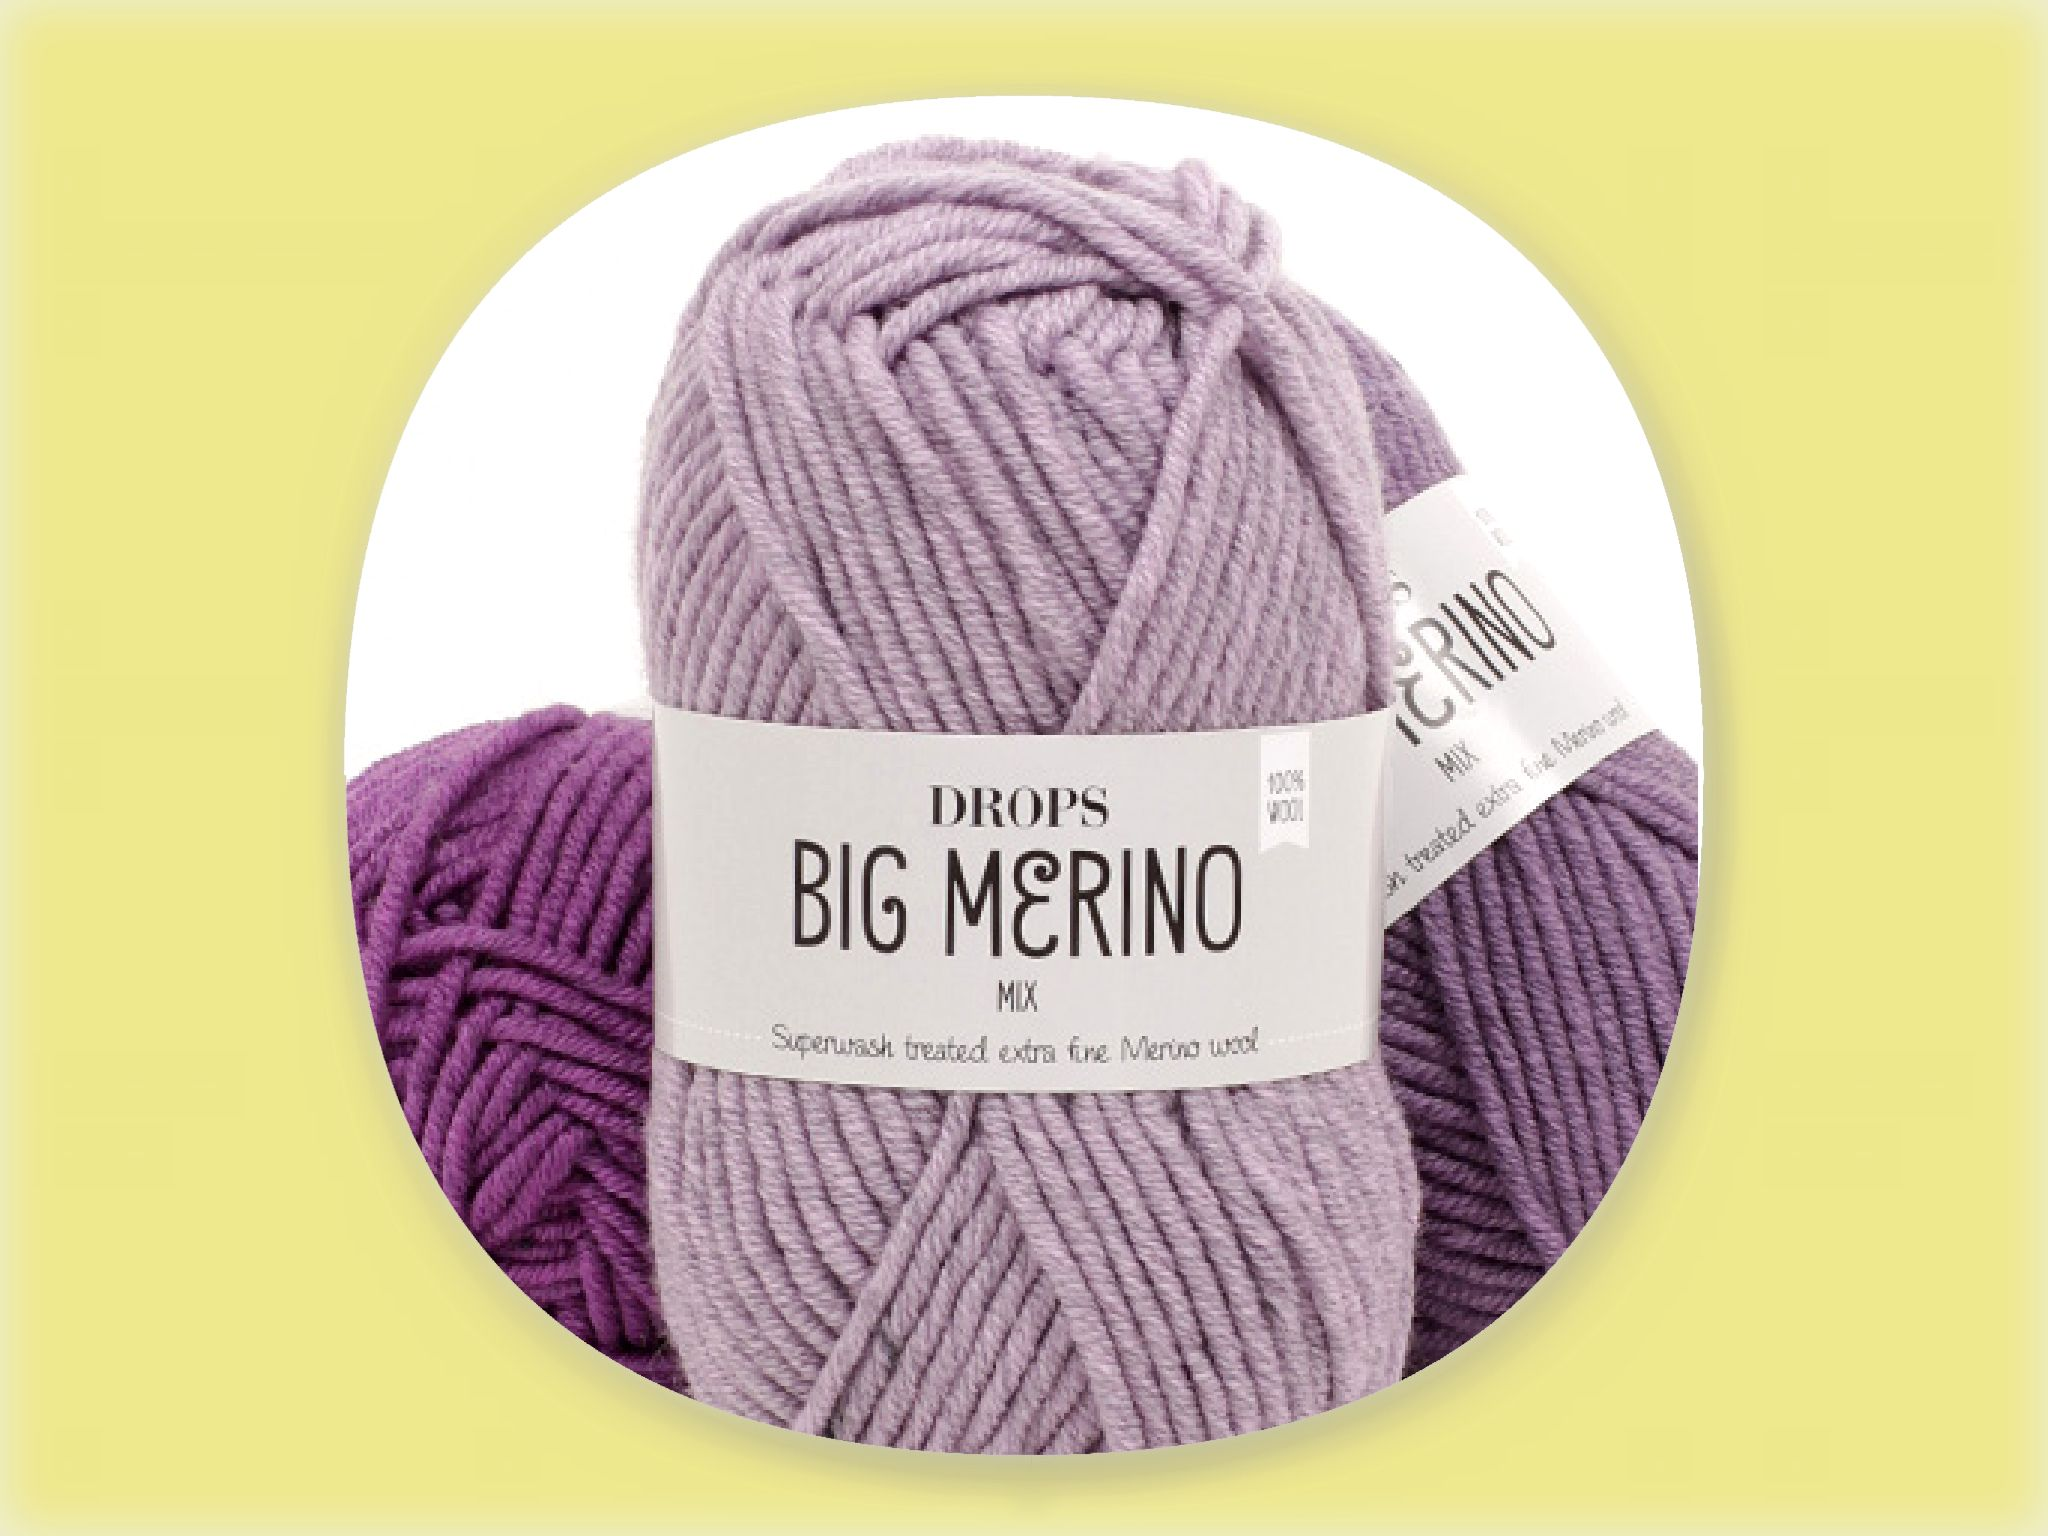 DROPS Big Merino Mix